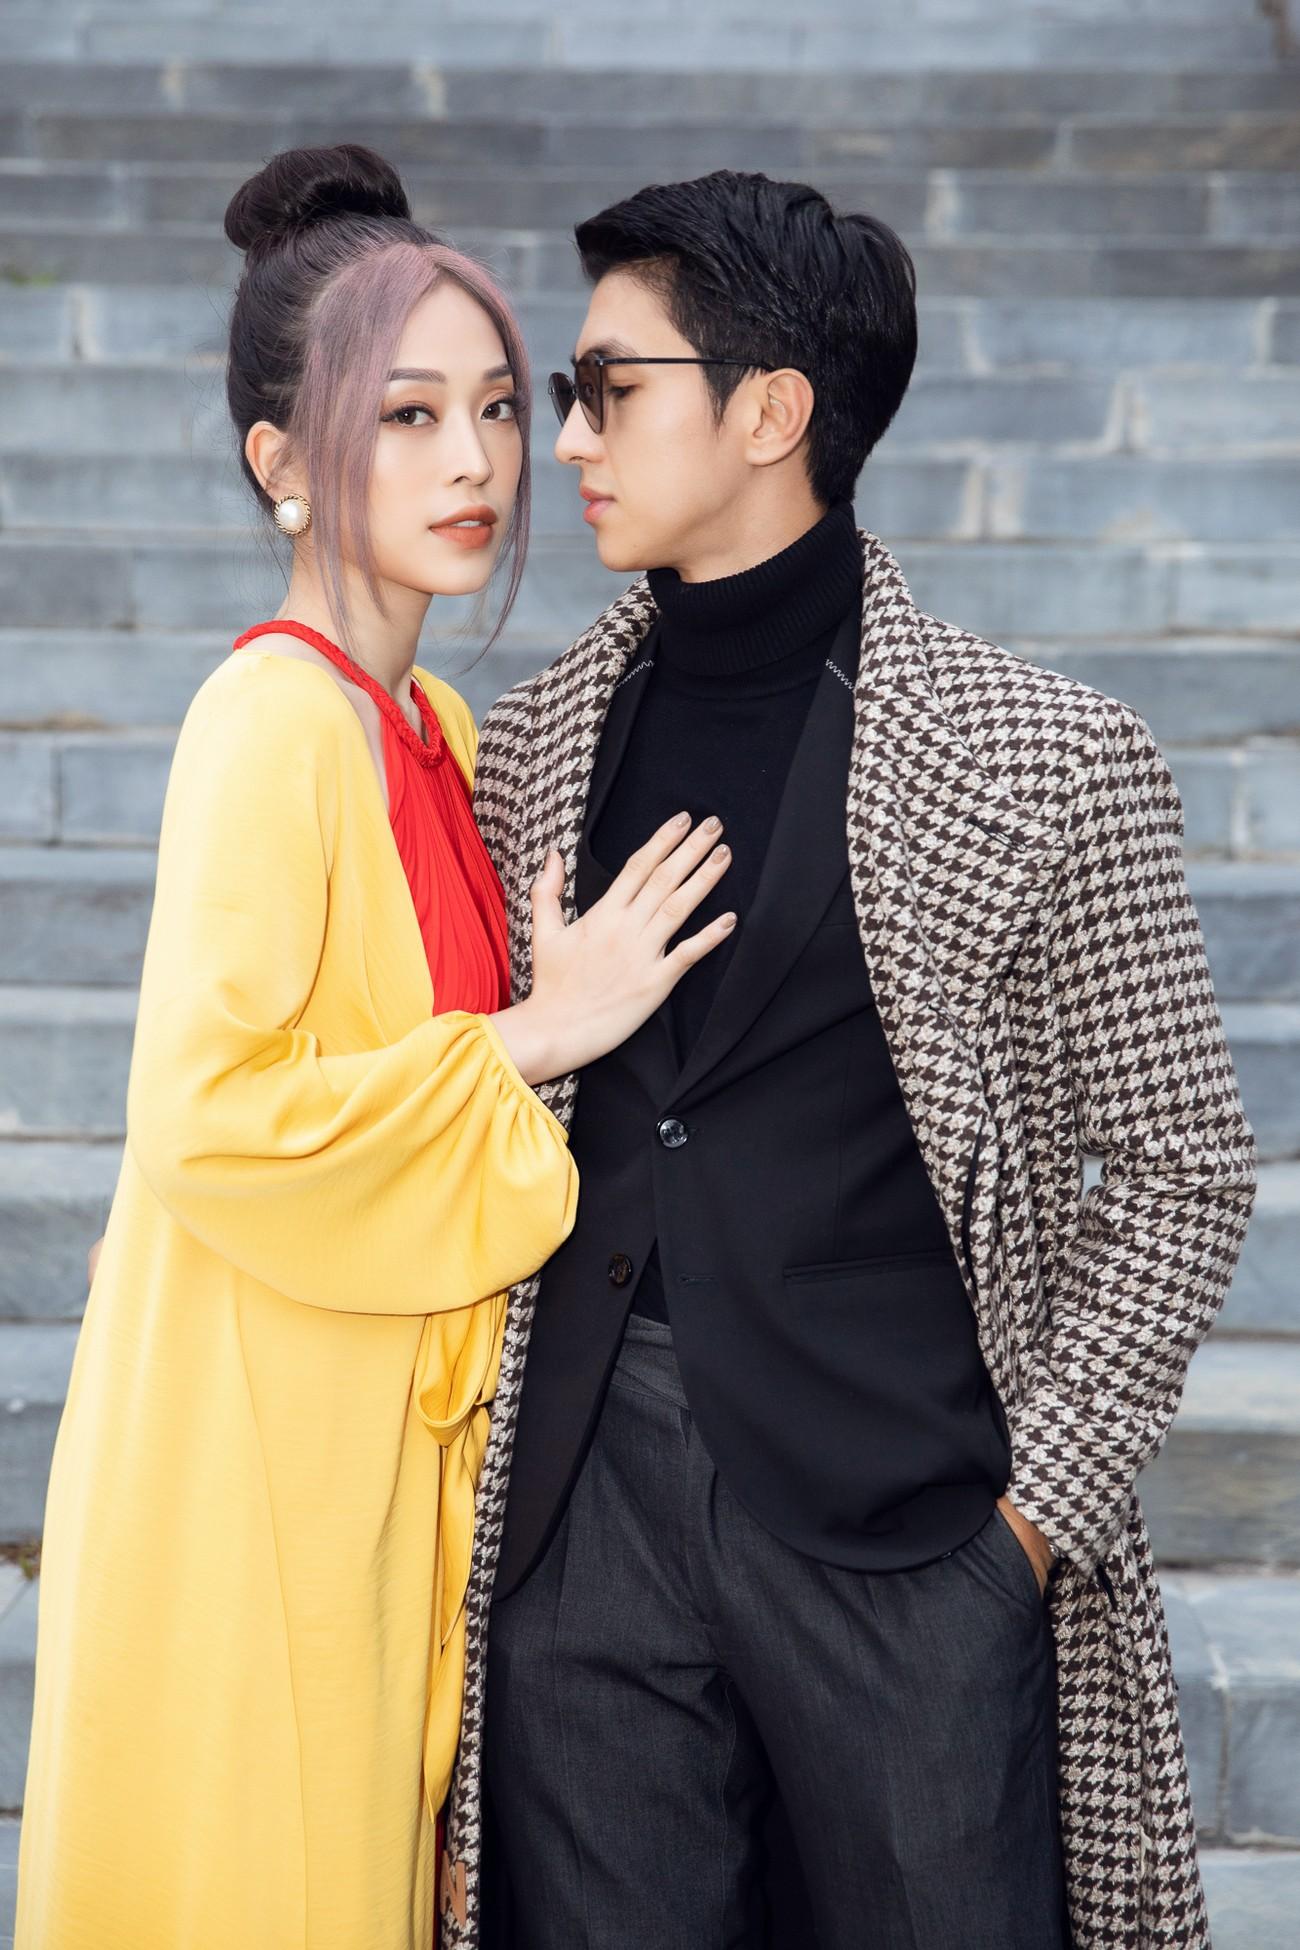 Tiểu Vy, Đỗ Mỹ Linh cùng dàn hậu mặc váy yếm quyến rũ giữa tiết trời lạnh giá ảnh 6